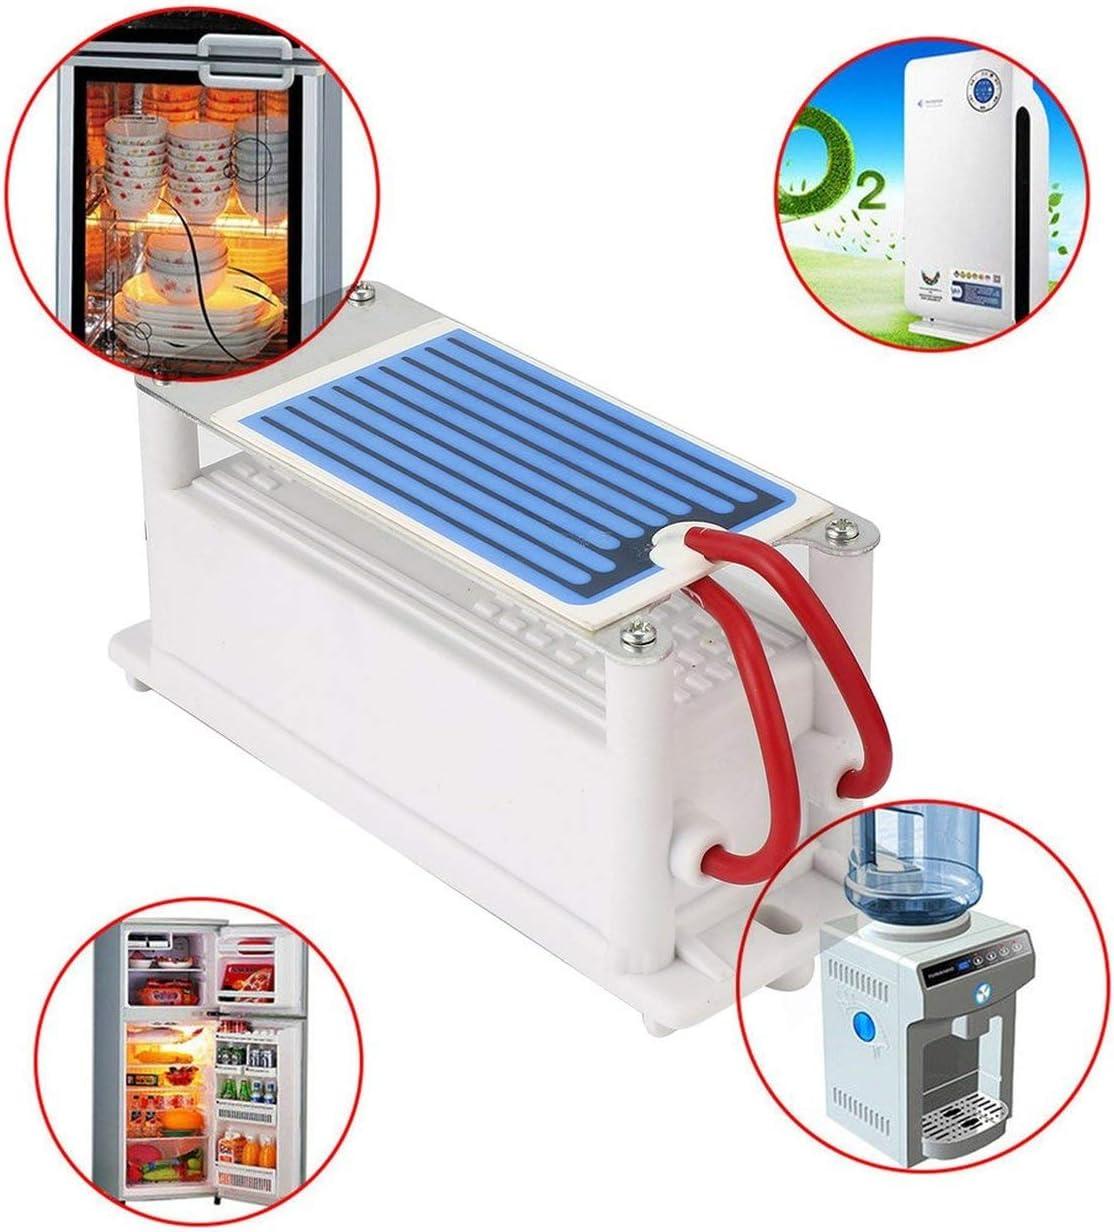 LoveOlvidoIT 220V Mini generatore di ozono Integrato in Ceramica Ozonizzatore Aria Macchina della Famiglia Fai da Te purificatore dAria Eliminazione di odori